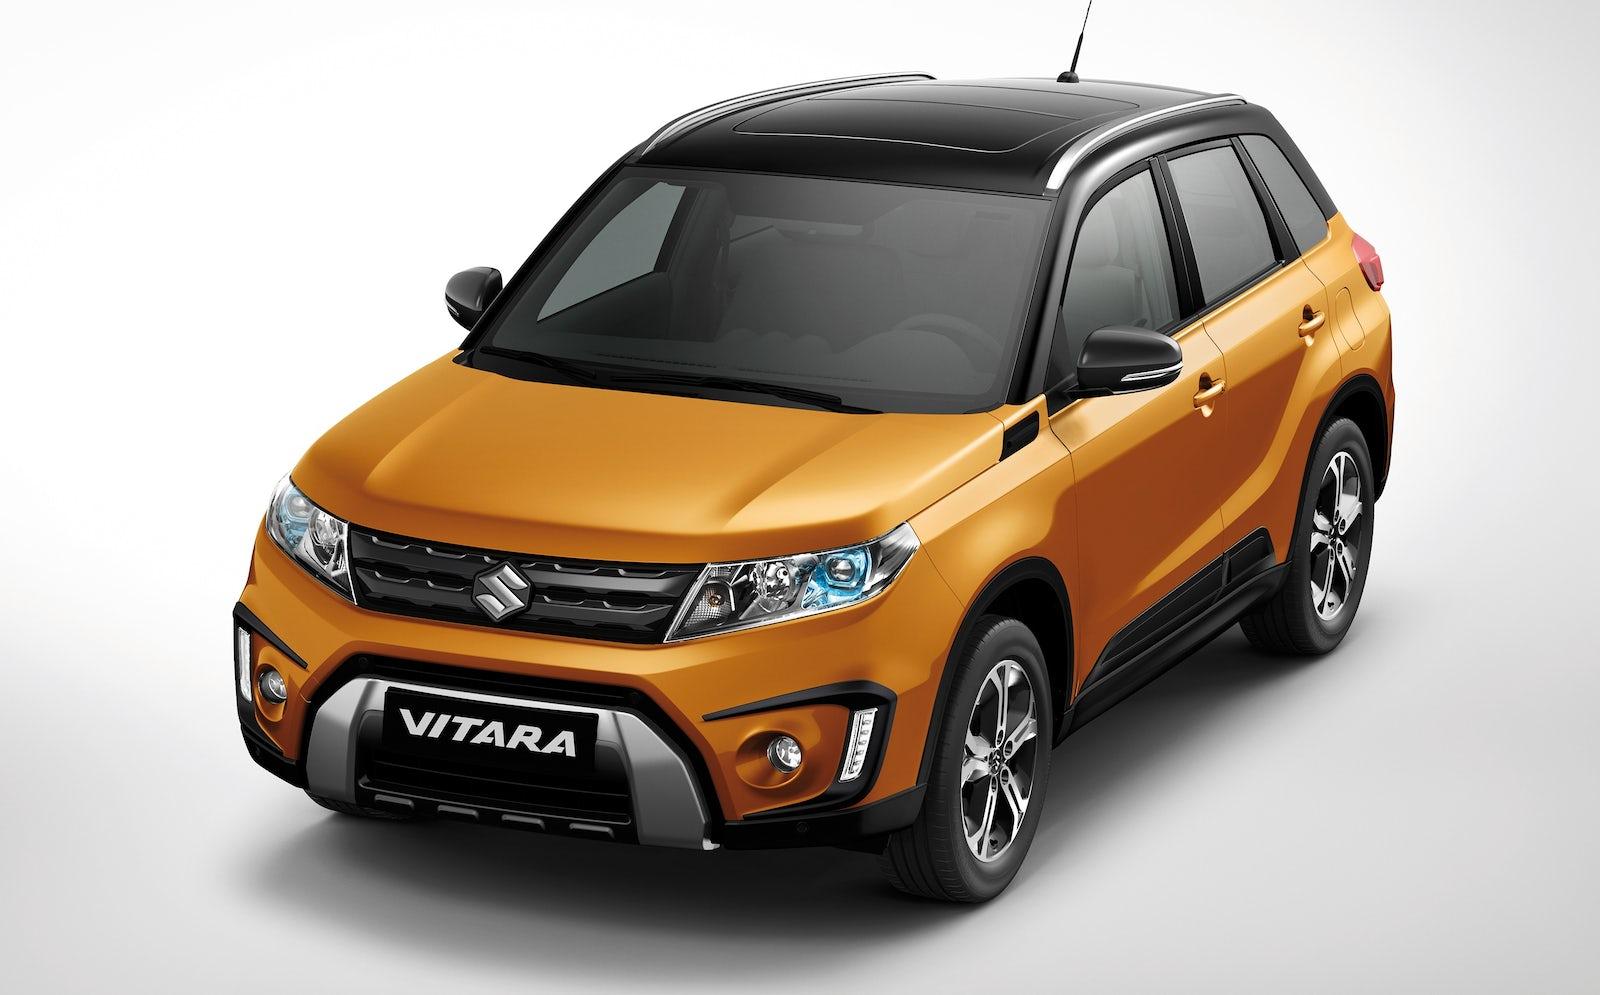 Suzuki Vitara Colour Guide And Prices Carwow